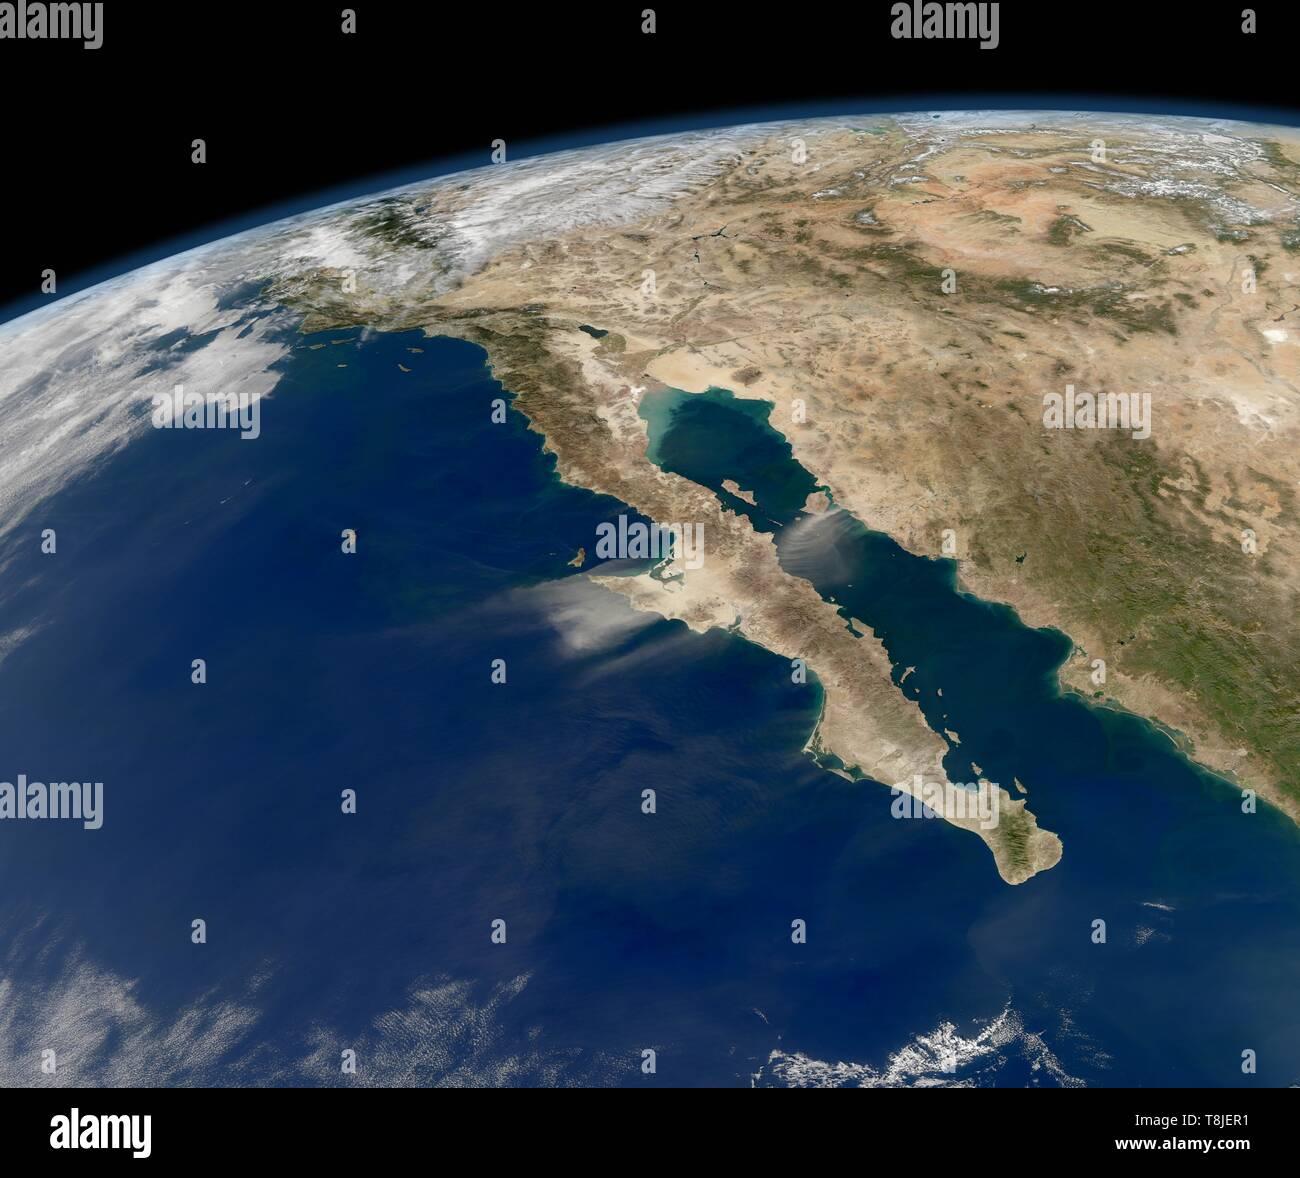 Staubwolken Ausblasen von Mexiko über Baja California durch die Moderate Resolution Imaging Spectroradiometer (MODIS) auf NASA's Aqua Satellite, 27. November 2011 gesehen. Mit freundlicher Genehmigung der Nationalen Luft- und Raumfahrtbehörde (NASA). () Stockfoto